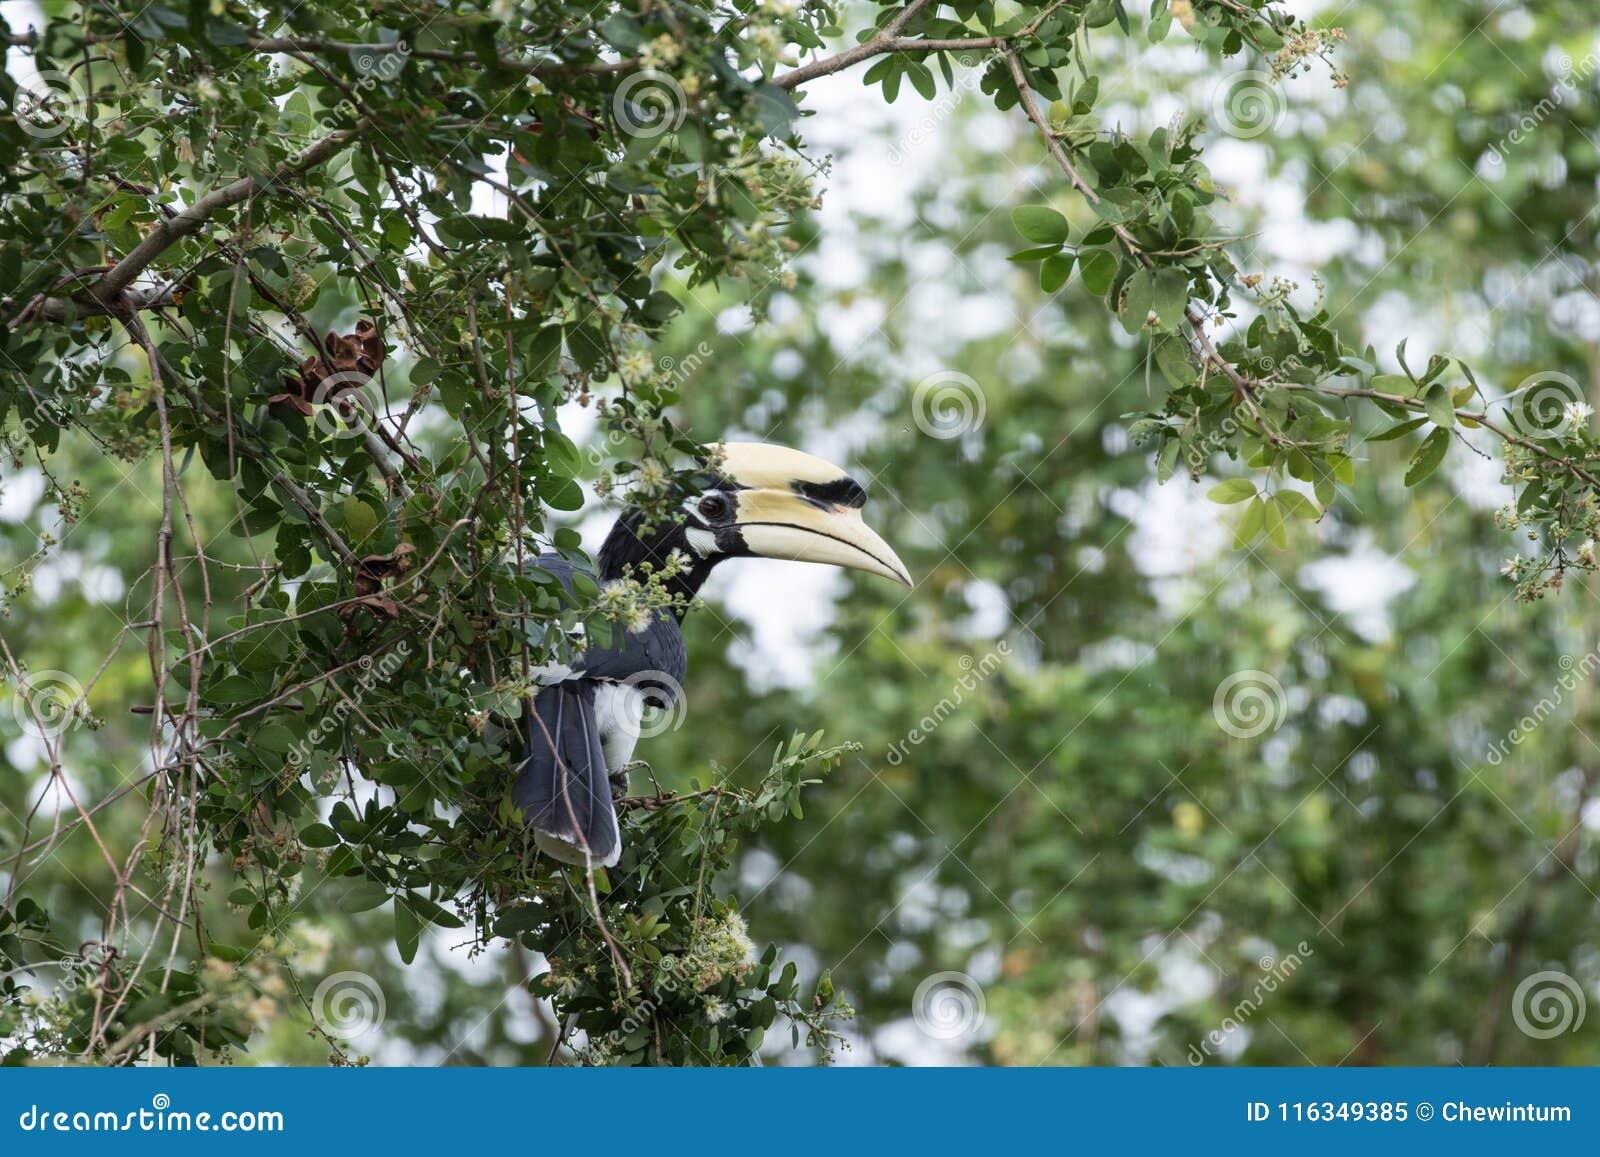 东方染色犀鸟是小鸟